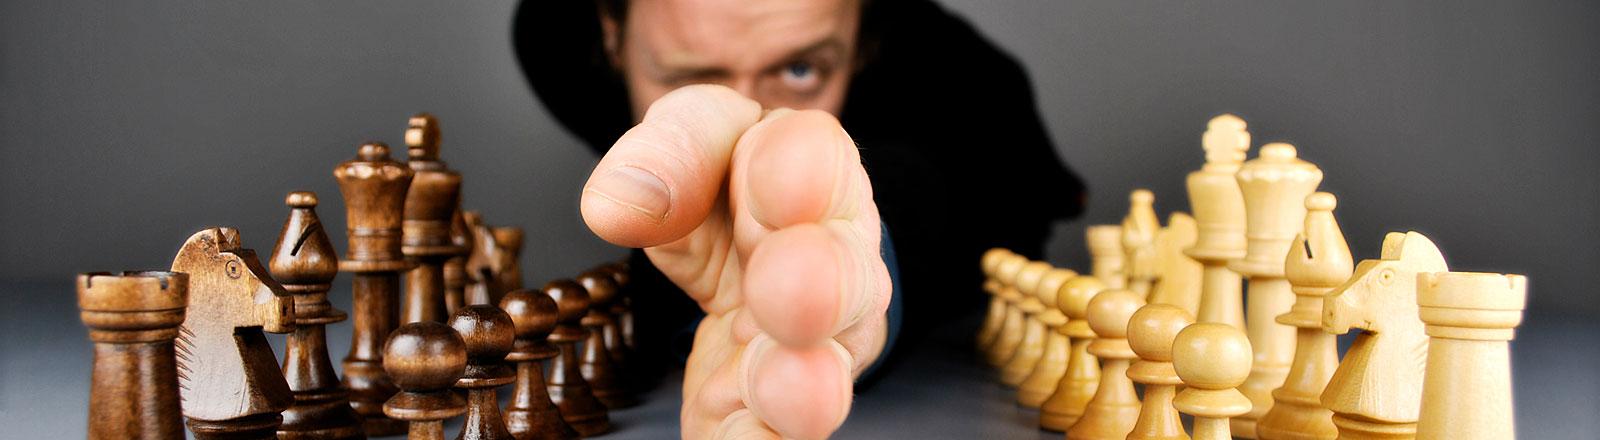 Ein Schiedsrichter hält seine Hand zwischen die beiden Figuren-Ensembles eines Schachbretts.